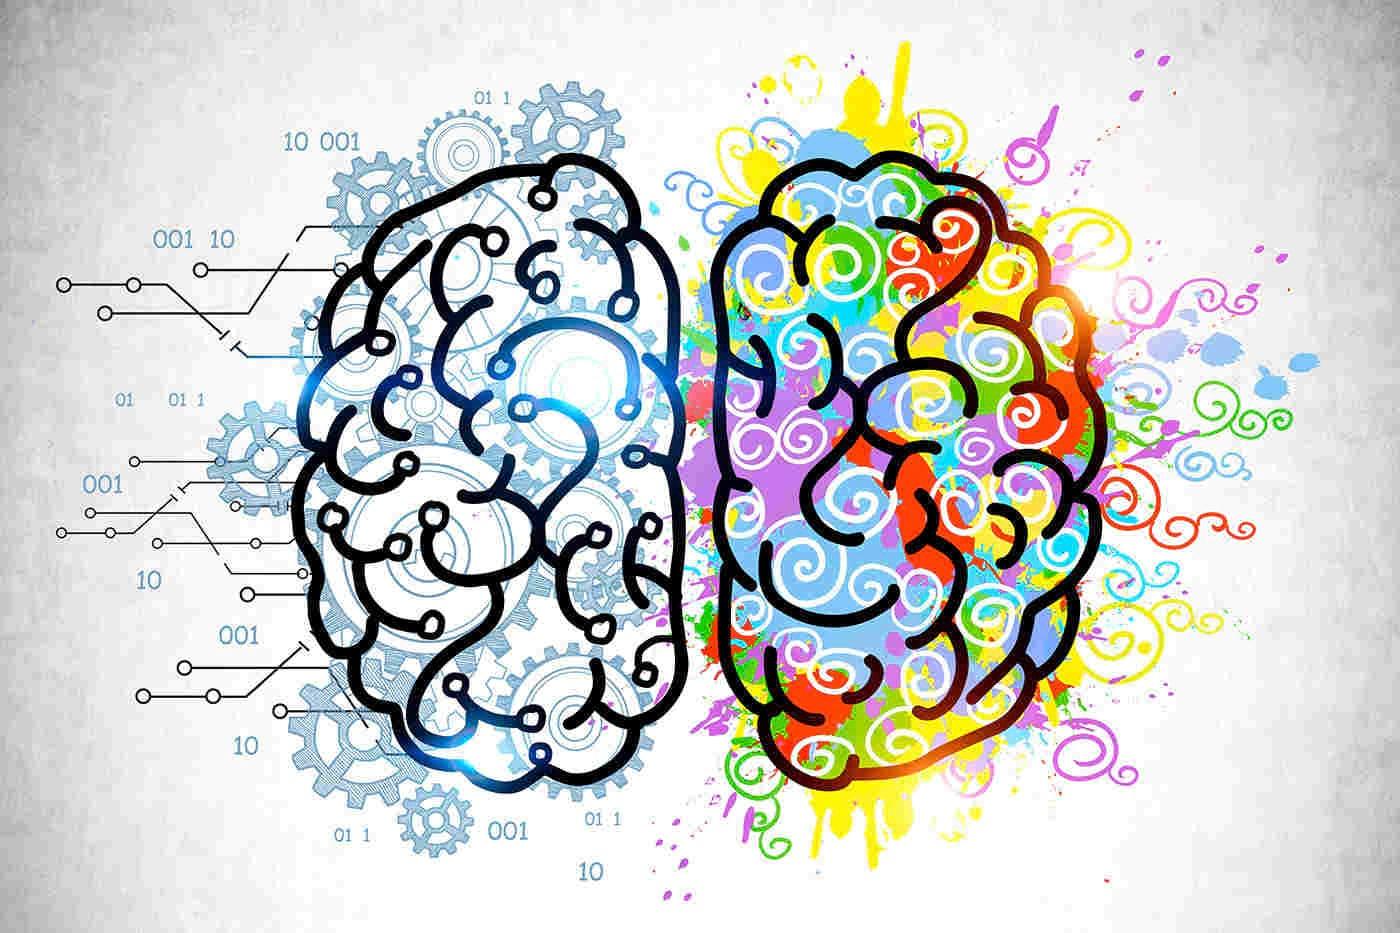 Misterele creierului: unde se naște creativitatea? [studiu]